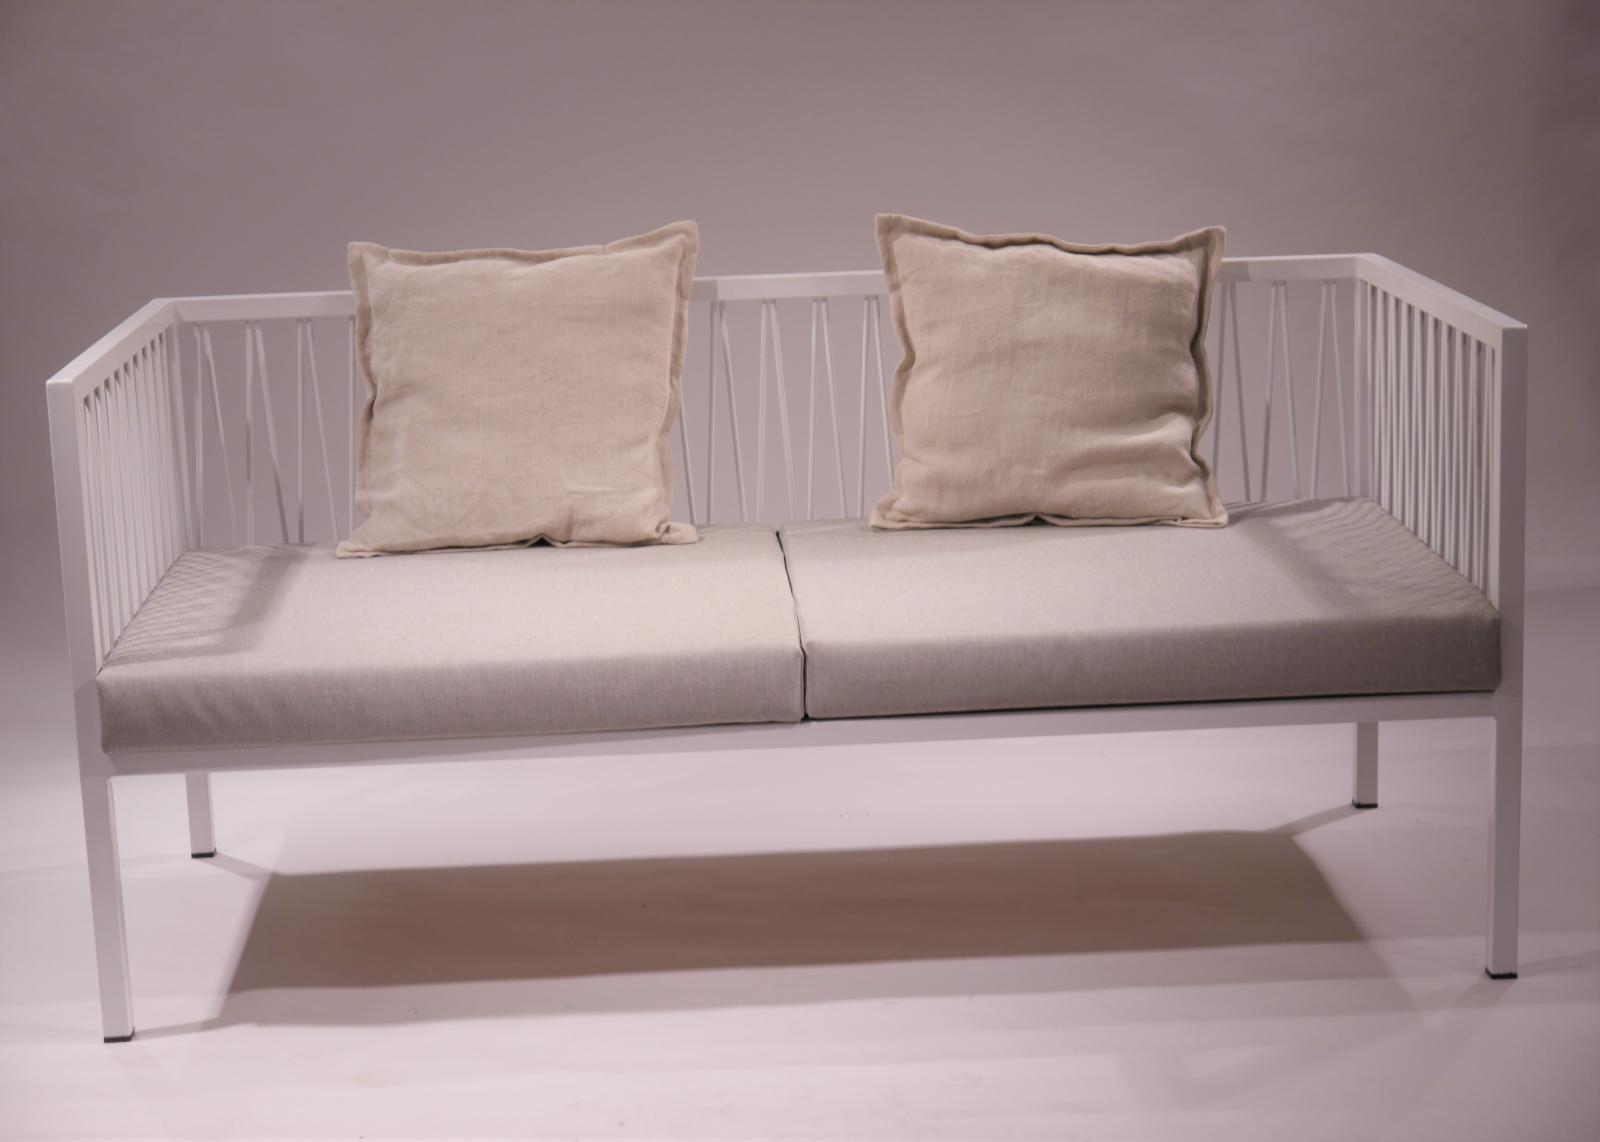 Sofa Montsant estructura de hierro lacado en blanco